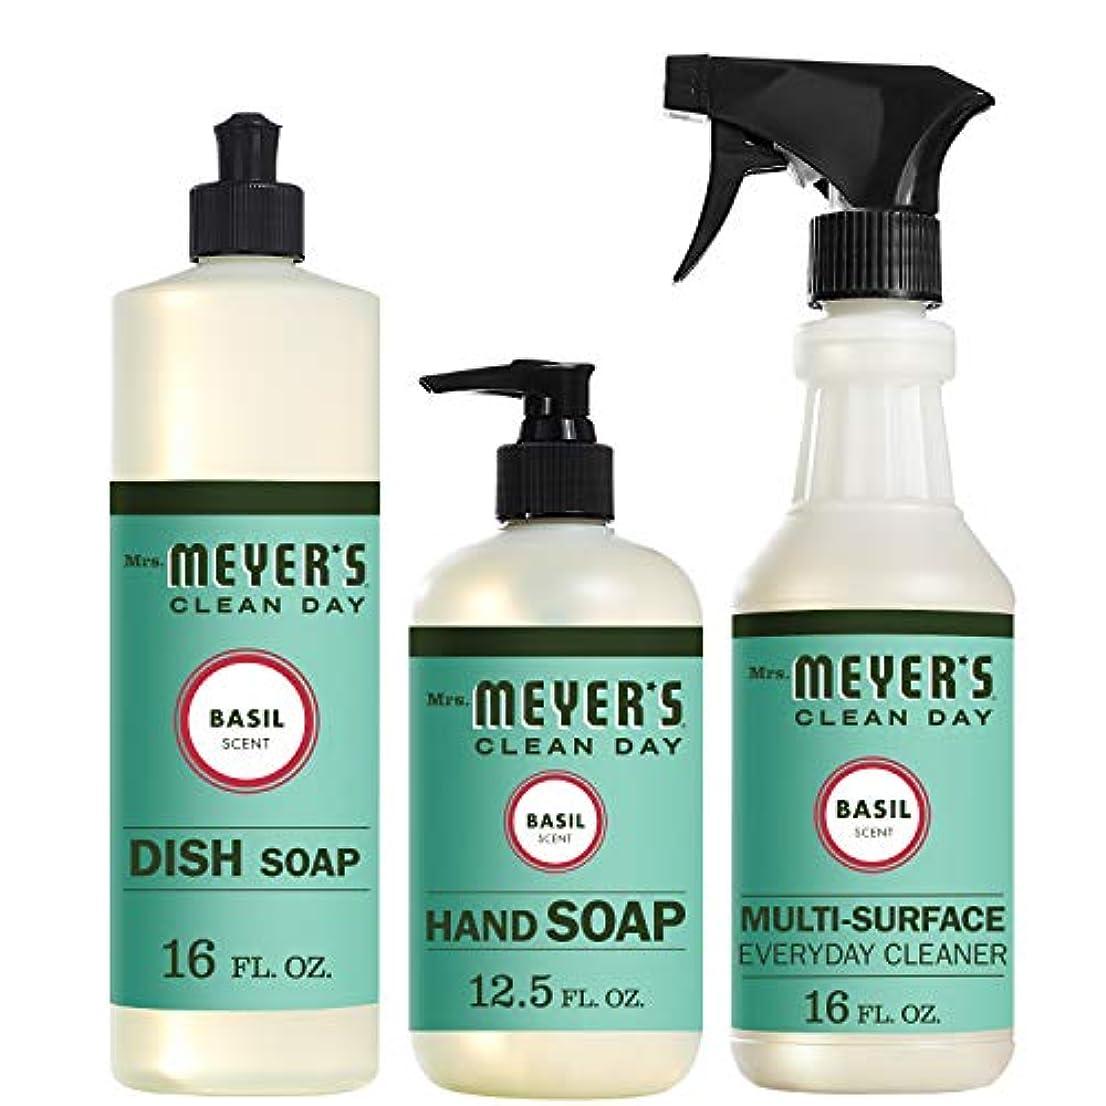 自我グリーンランドペルメルMrs。Meyers Clean Dayキッチン基本セット、バジル、Includes : Dish Soap (16 fl oz)、Hand Soap (12.5オンス、日常Multi - Surface Cleaner...